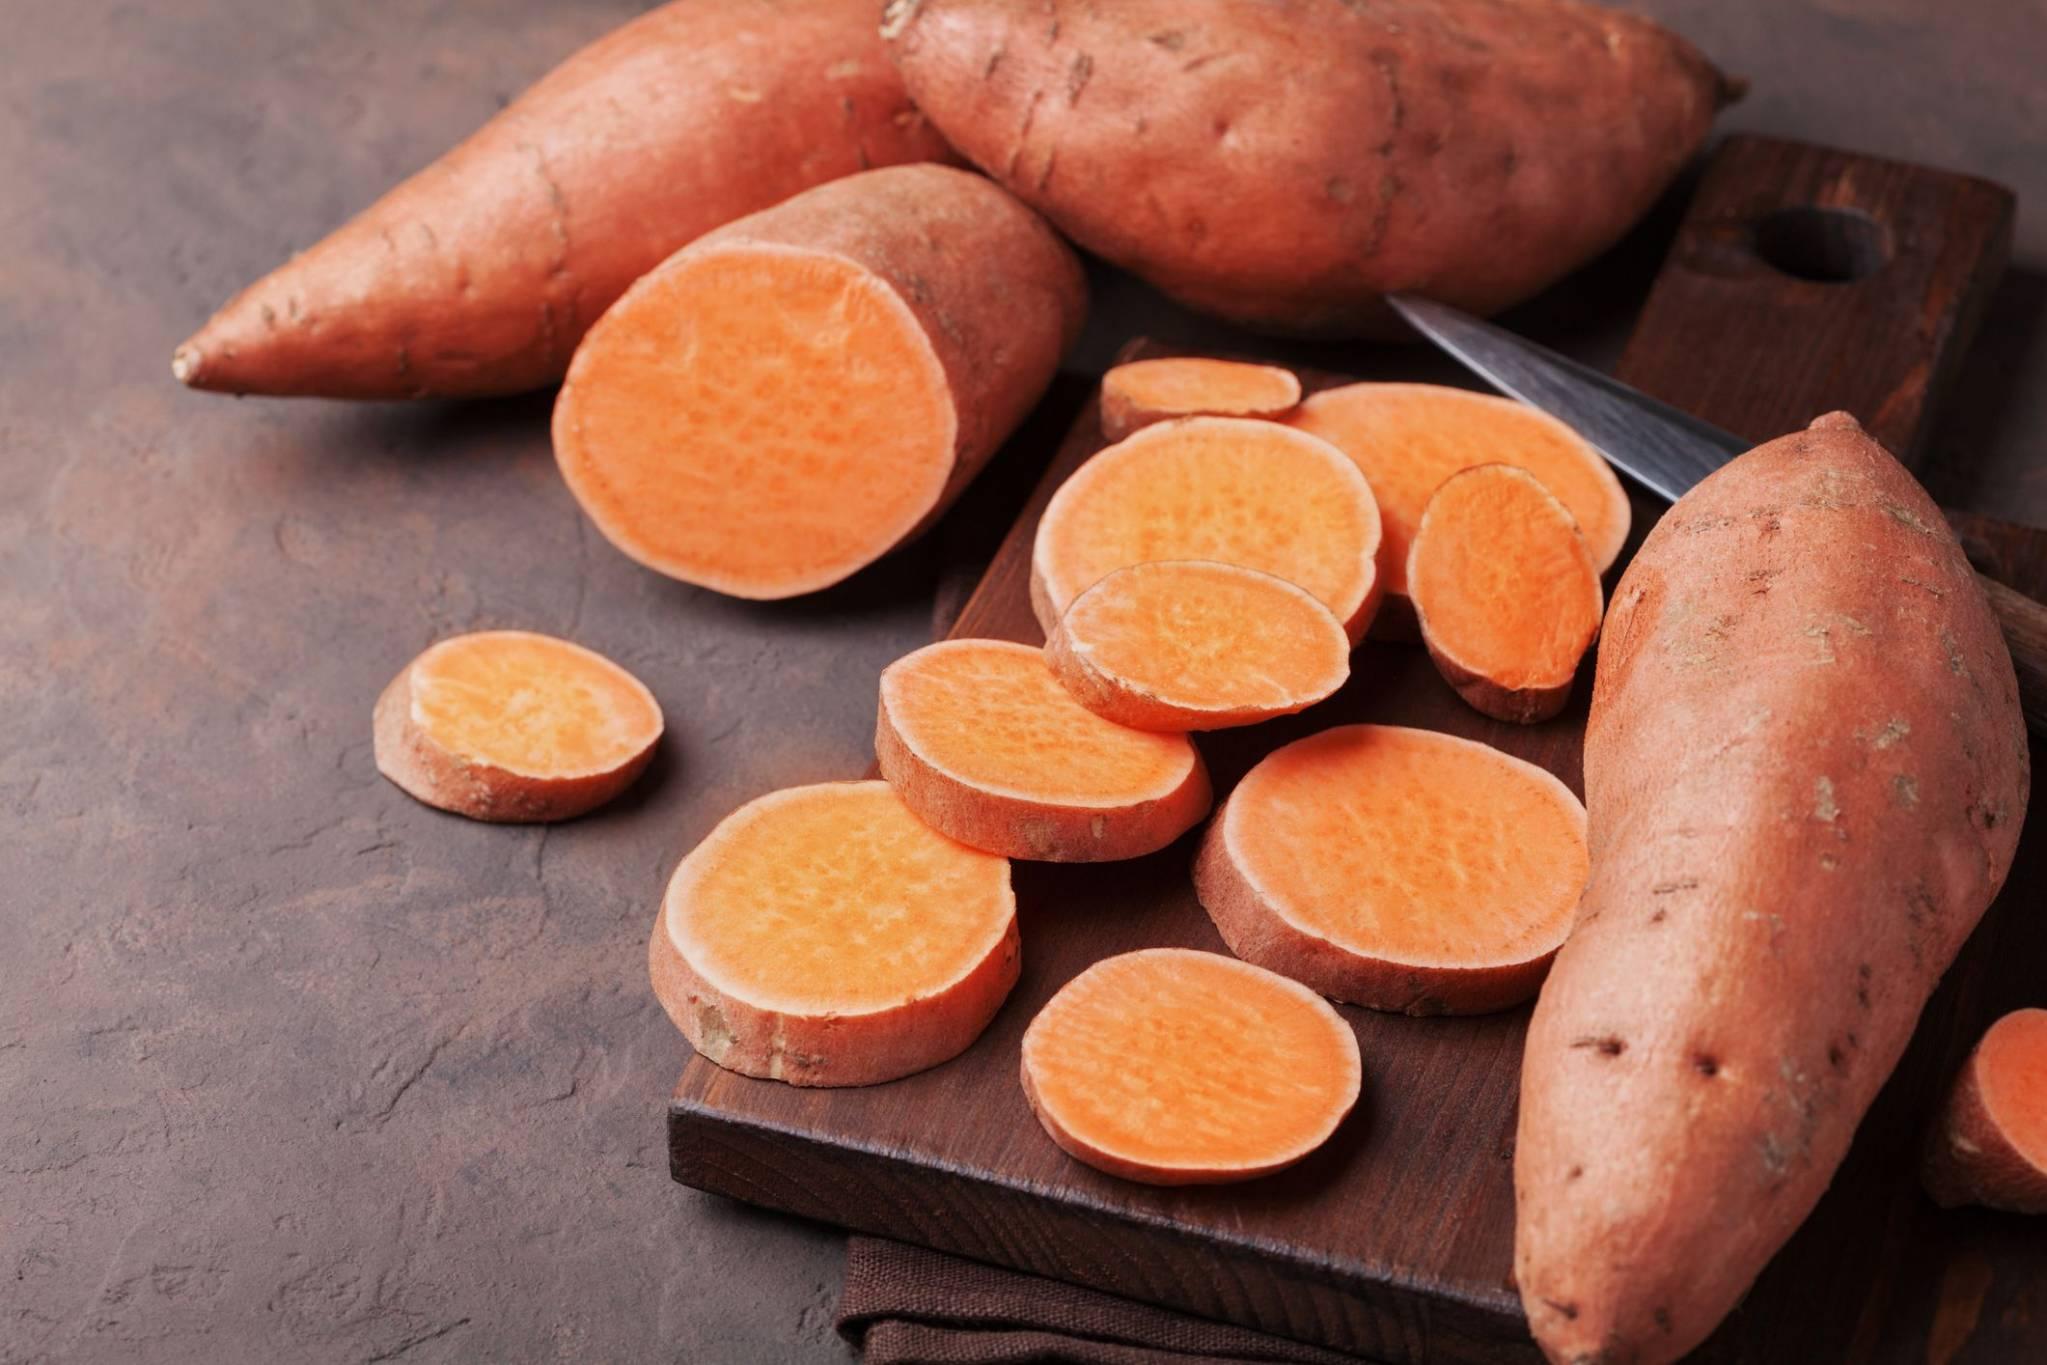 تحلو البطاطا الحلوة في الشتاء شهية وذات فوائد النهار